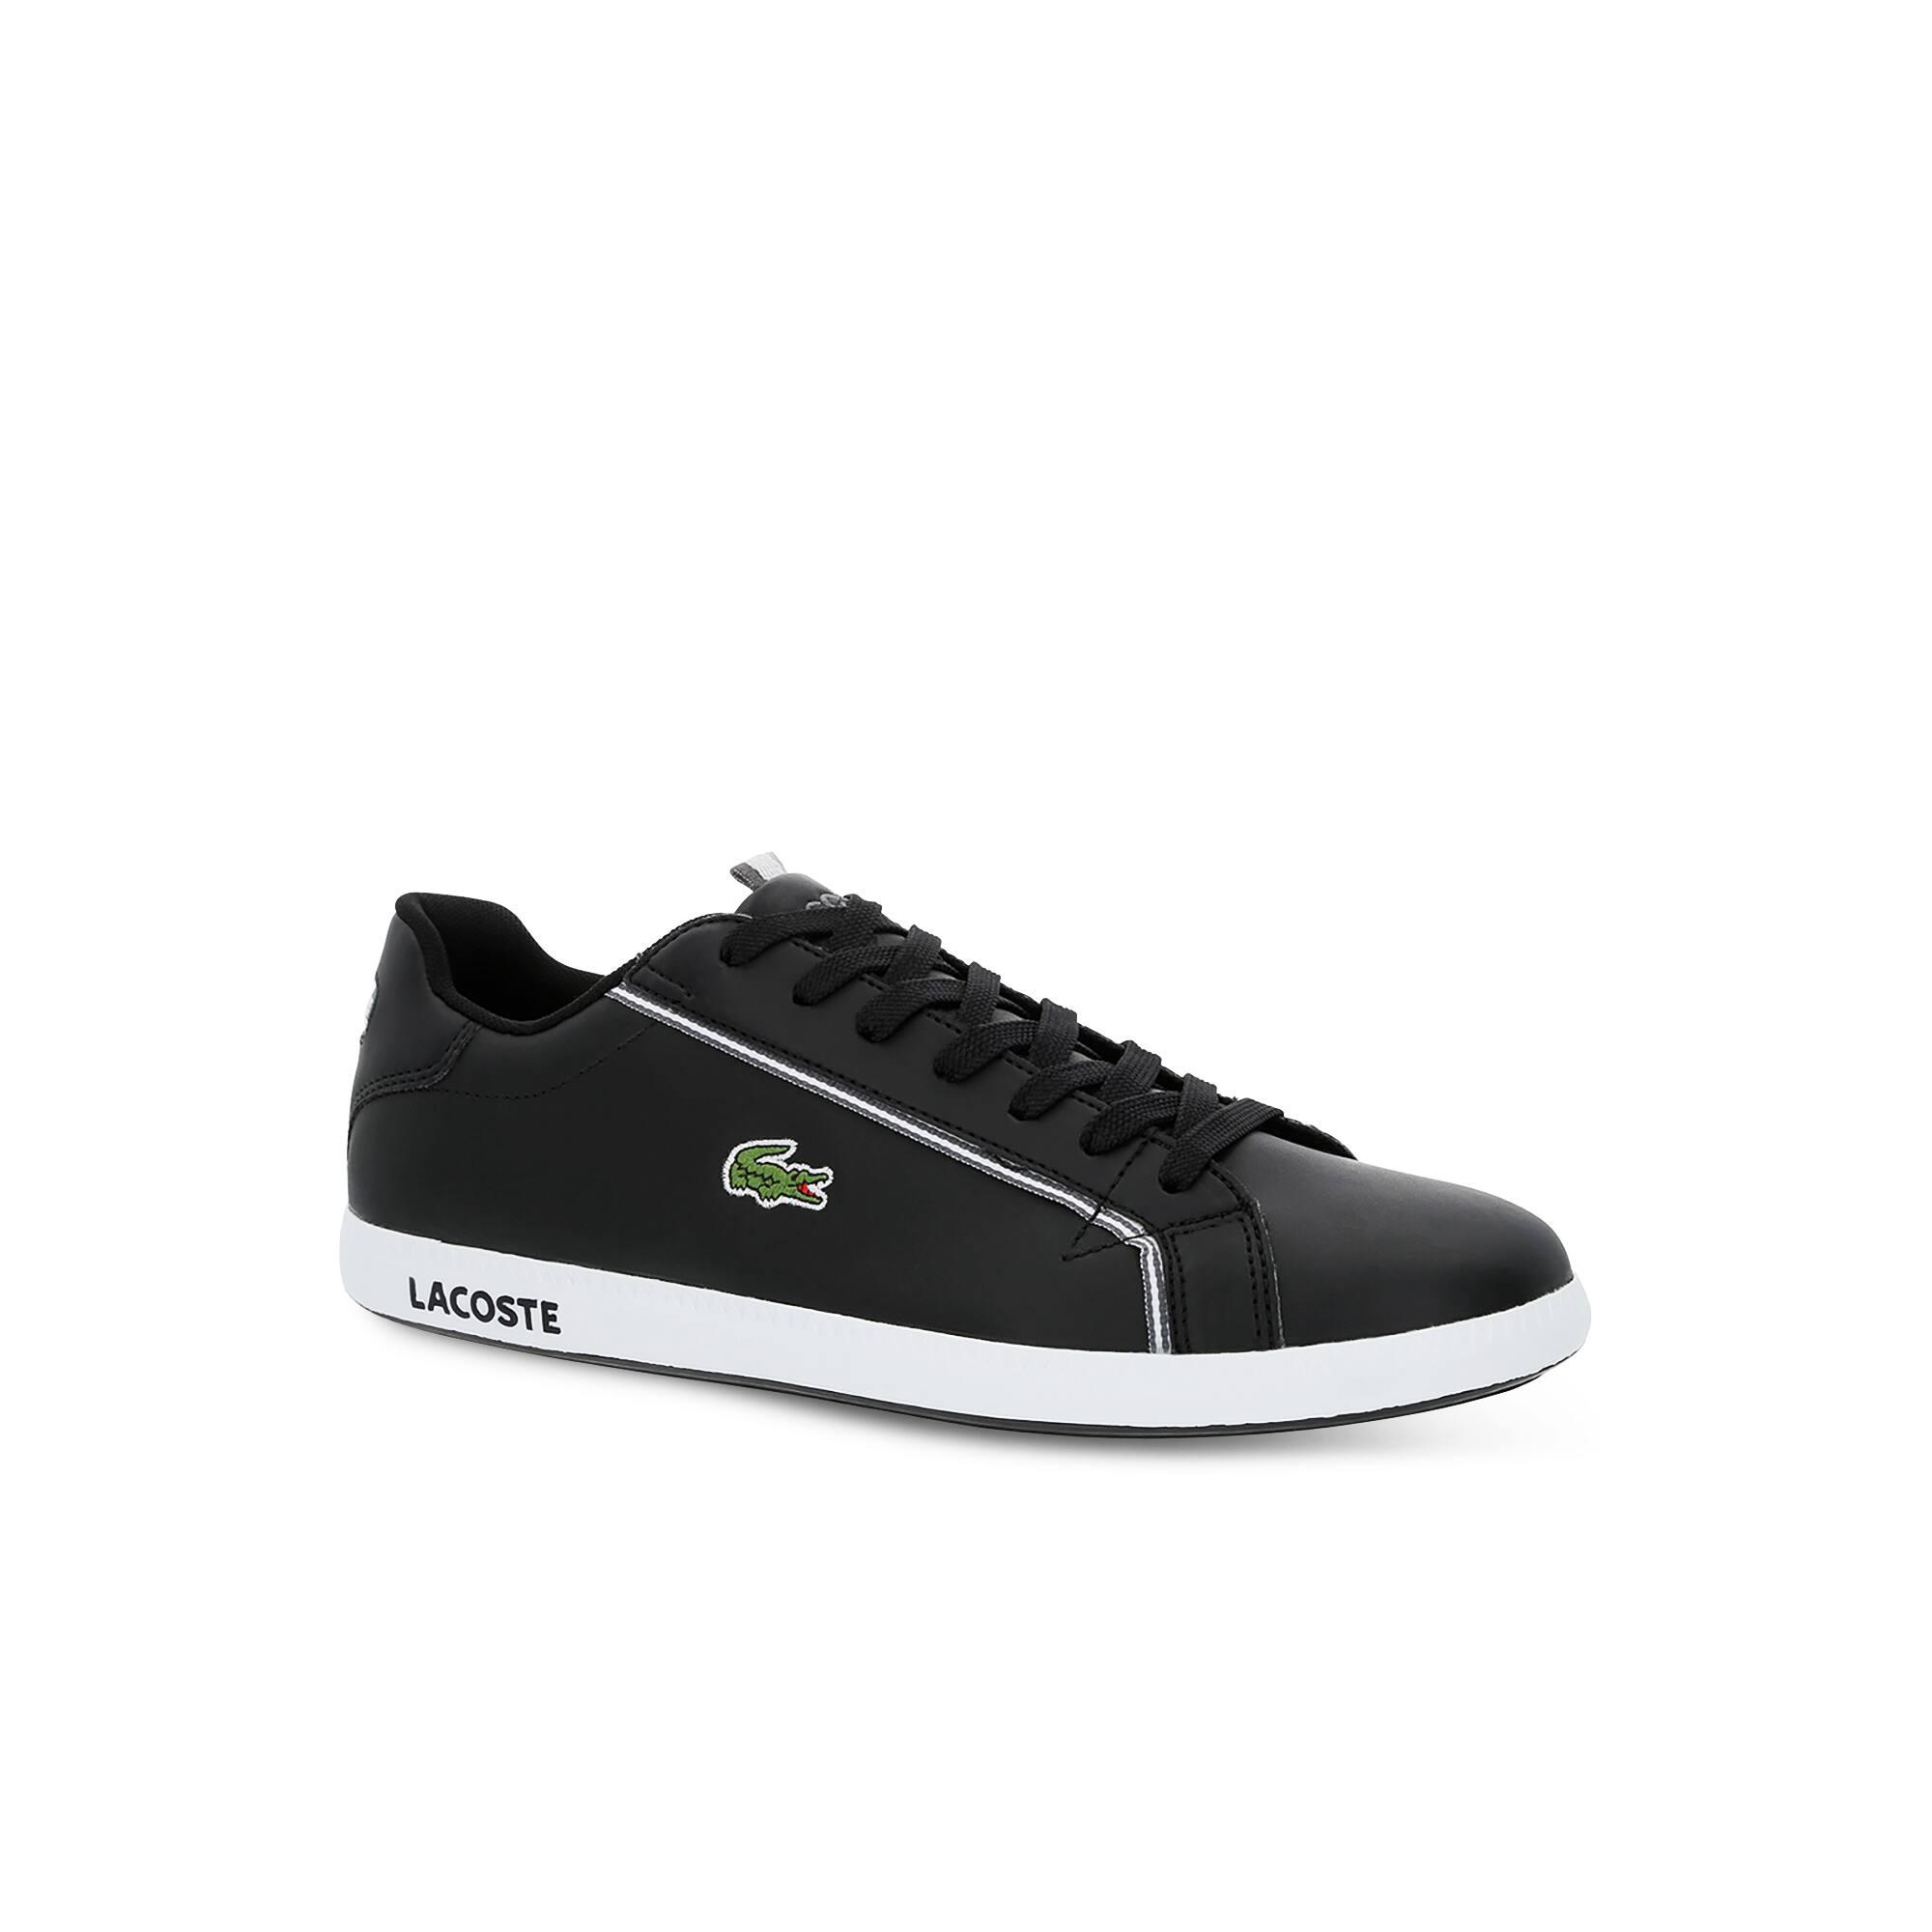 Colección Hombre Lacoste Sport Calzado De Zapatos Para wnxv1Z